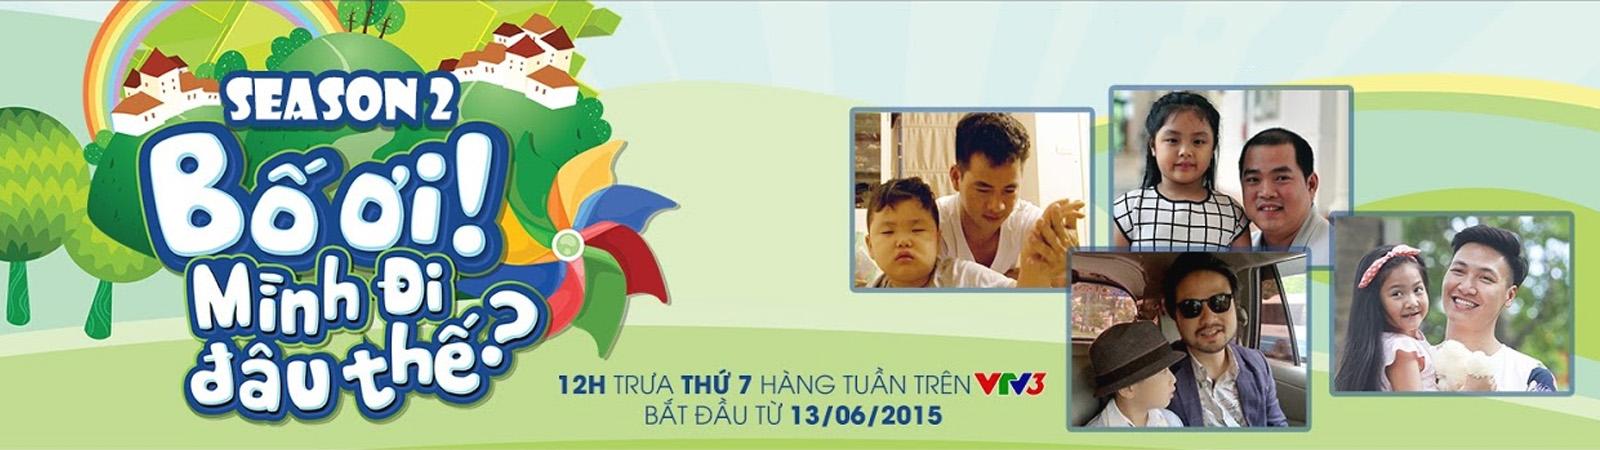 Tập 3 - Bố Ơi, Mình Đi Đâu Thế - Việt Nam